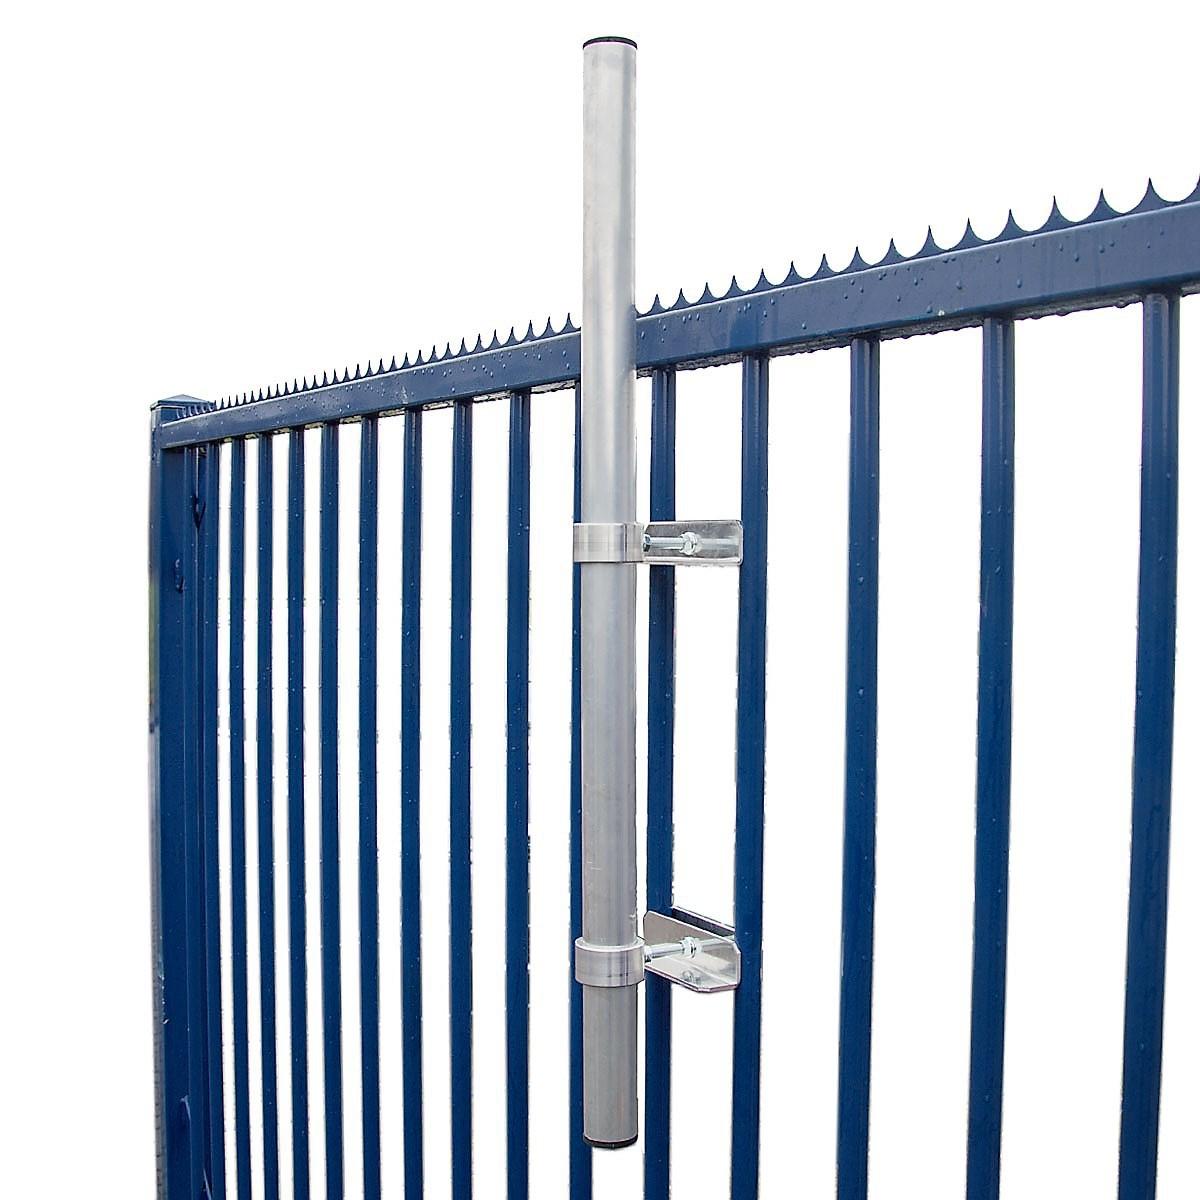 PremiumX SAT-Klemmhalter 100 cm Ø 48 mm Mast Stahl Geländerhalter Geländerklemmhalterung Antenne Zaunhalter Balkon-Streben Halterung